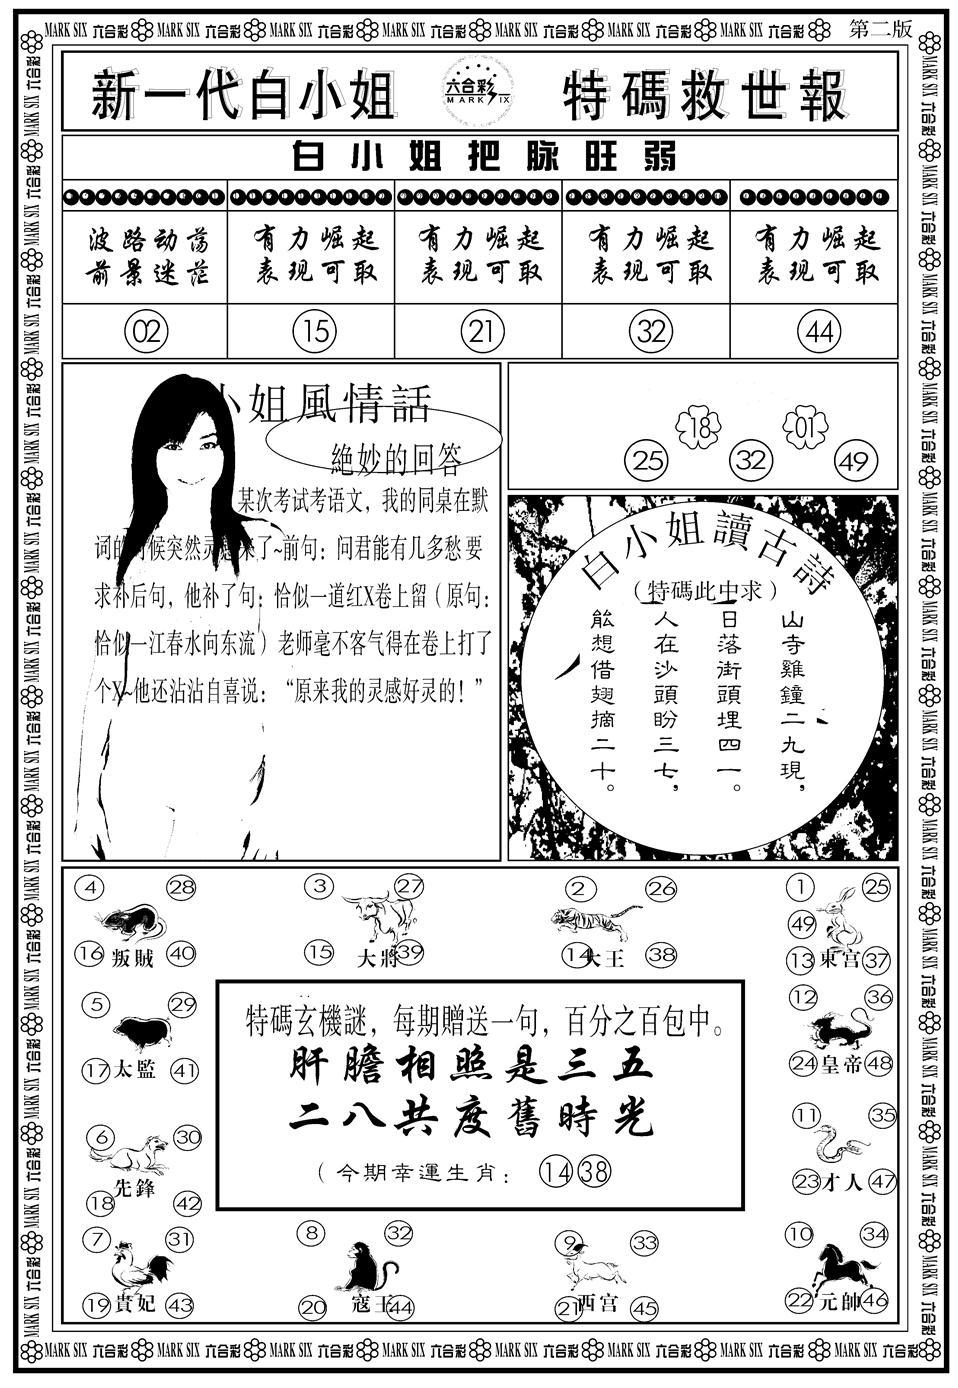 075期新一代白姐B(黑白)